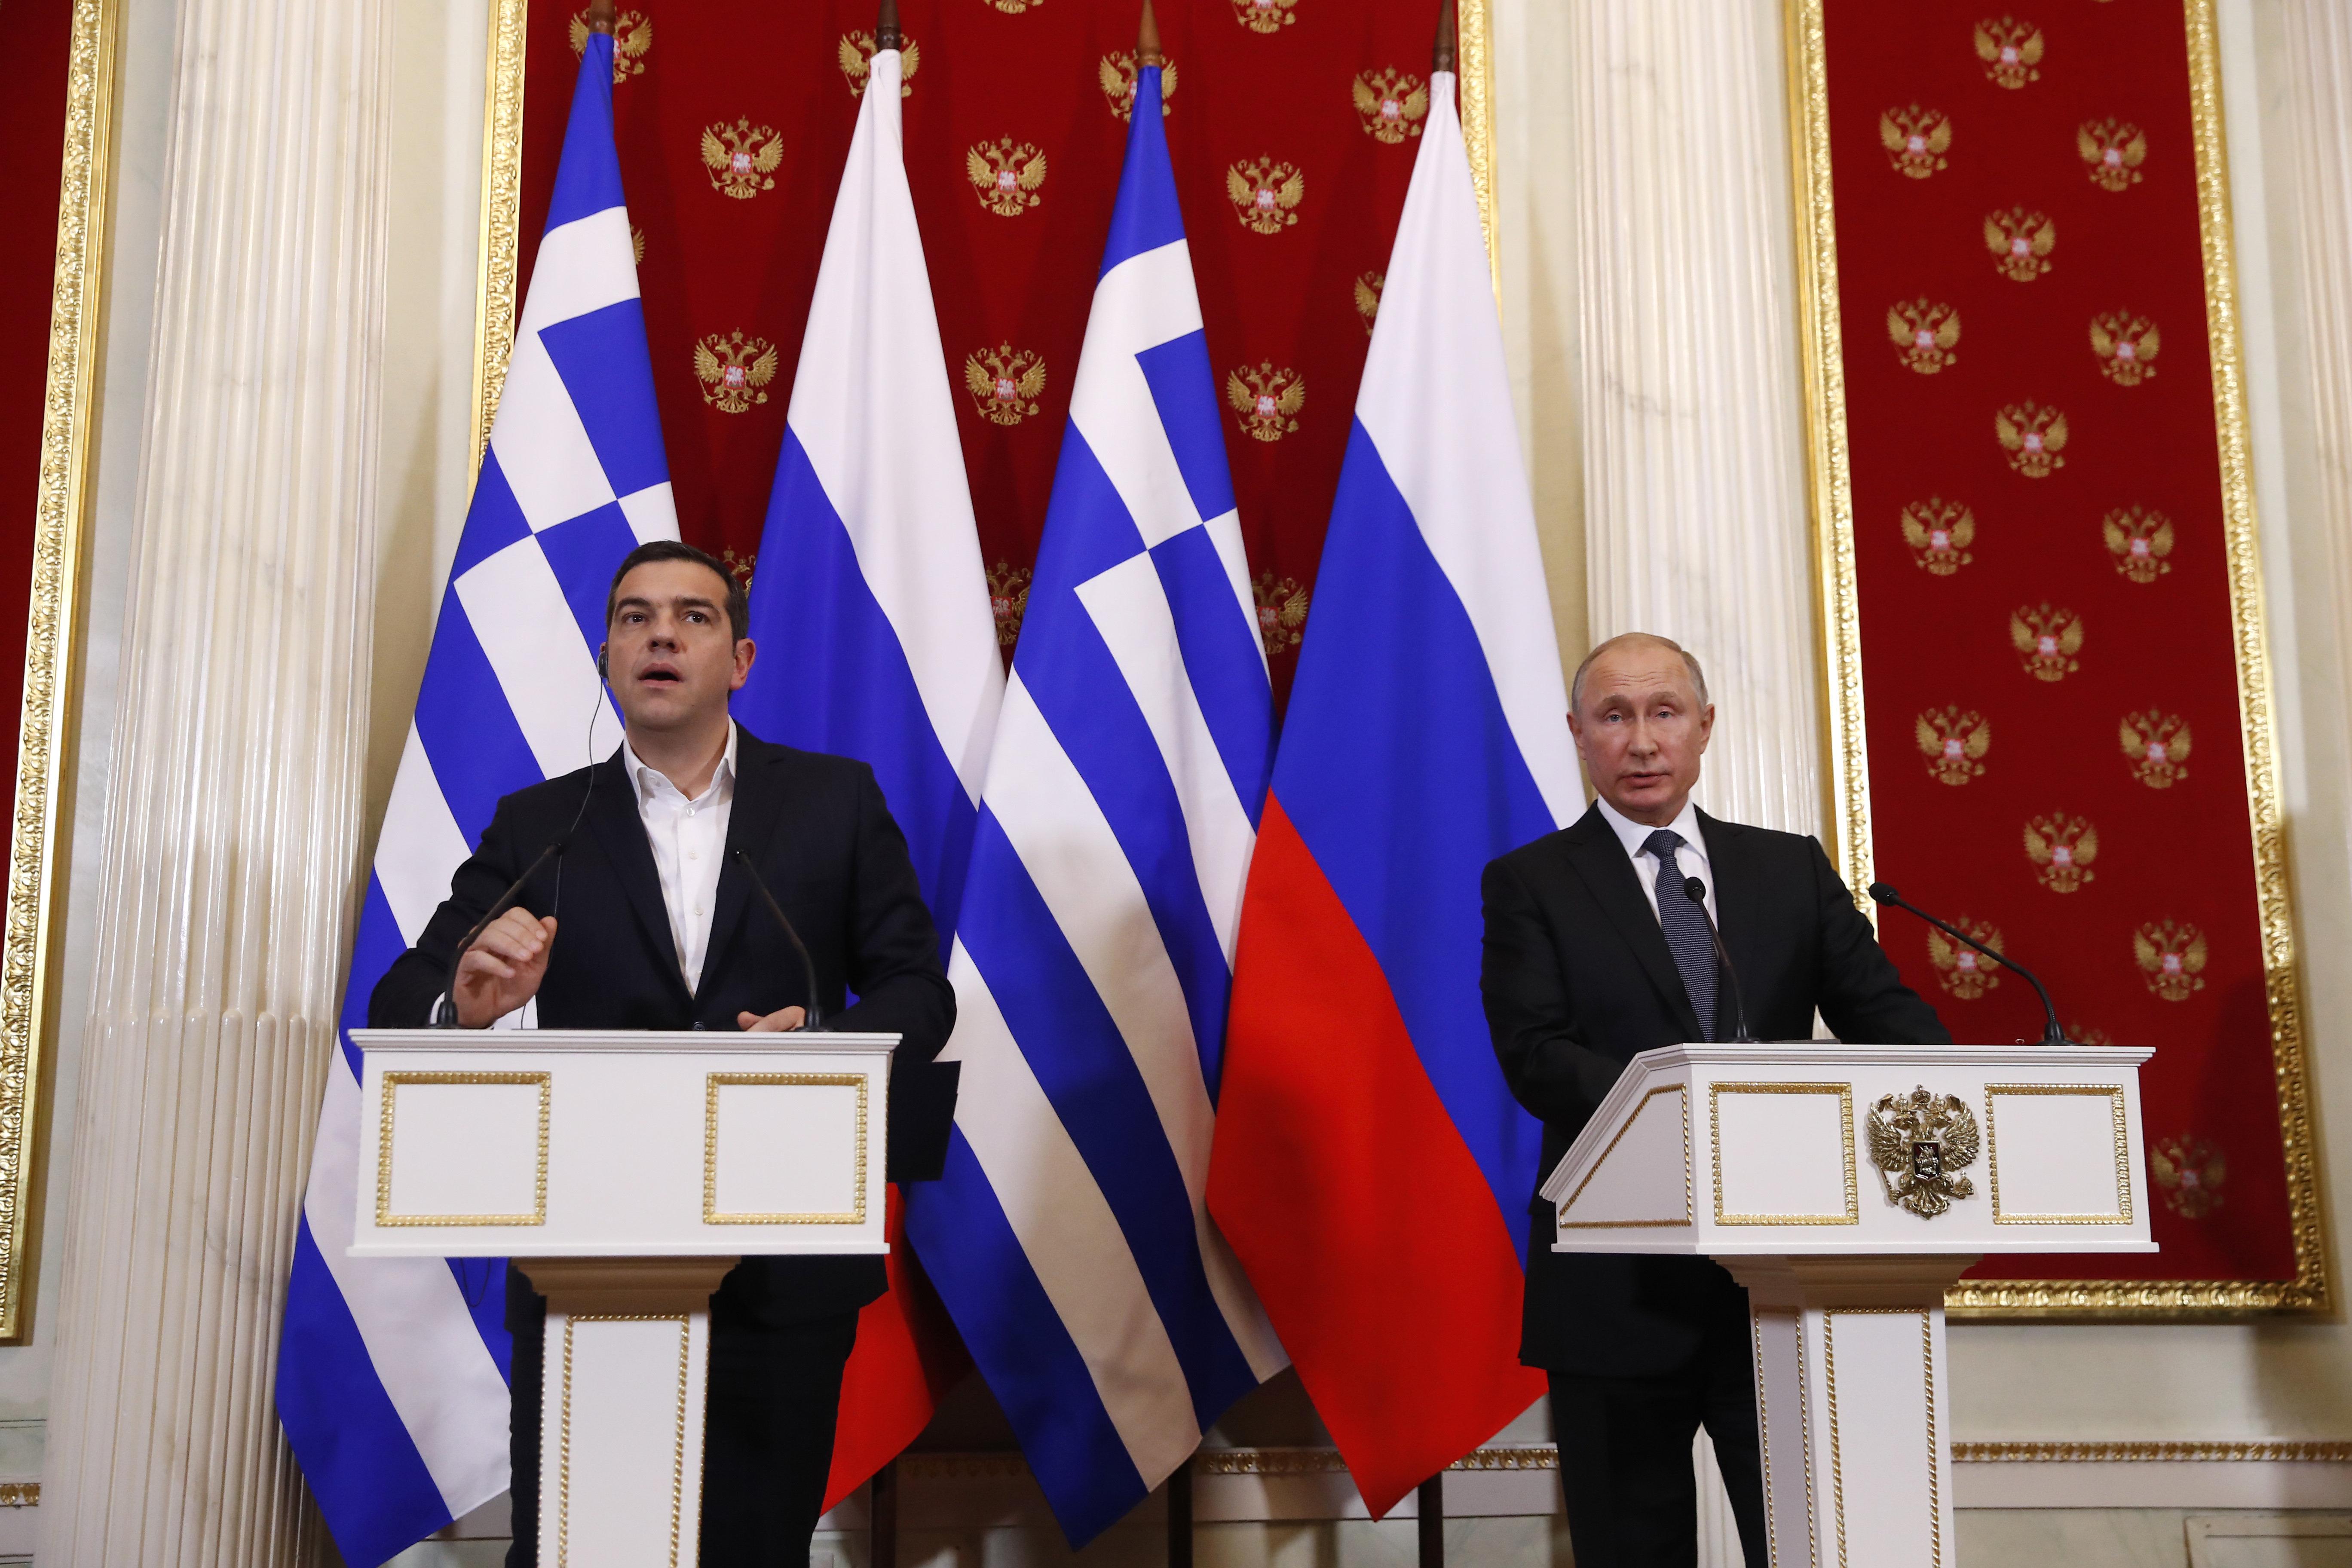 Τσίπρας - Πούτιν κλείνουν τη μαύρη σελίδα στις σχέσεις Ελλάδας - Ρωσίας με την υπογραφή